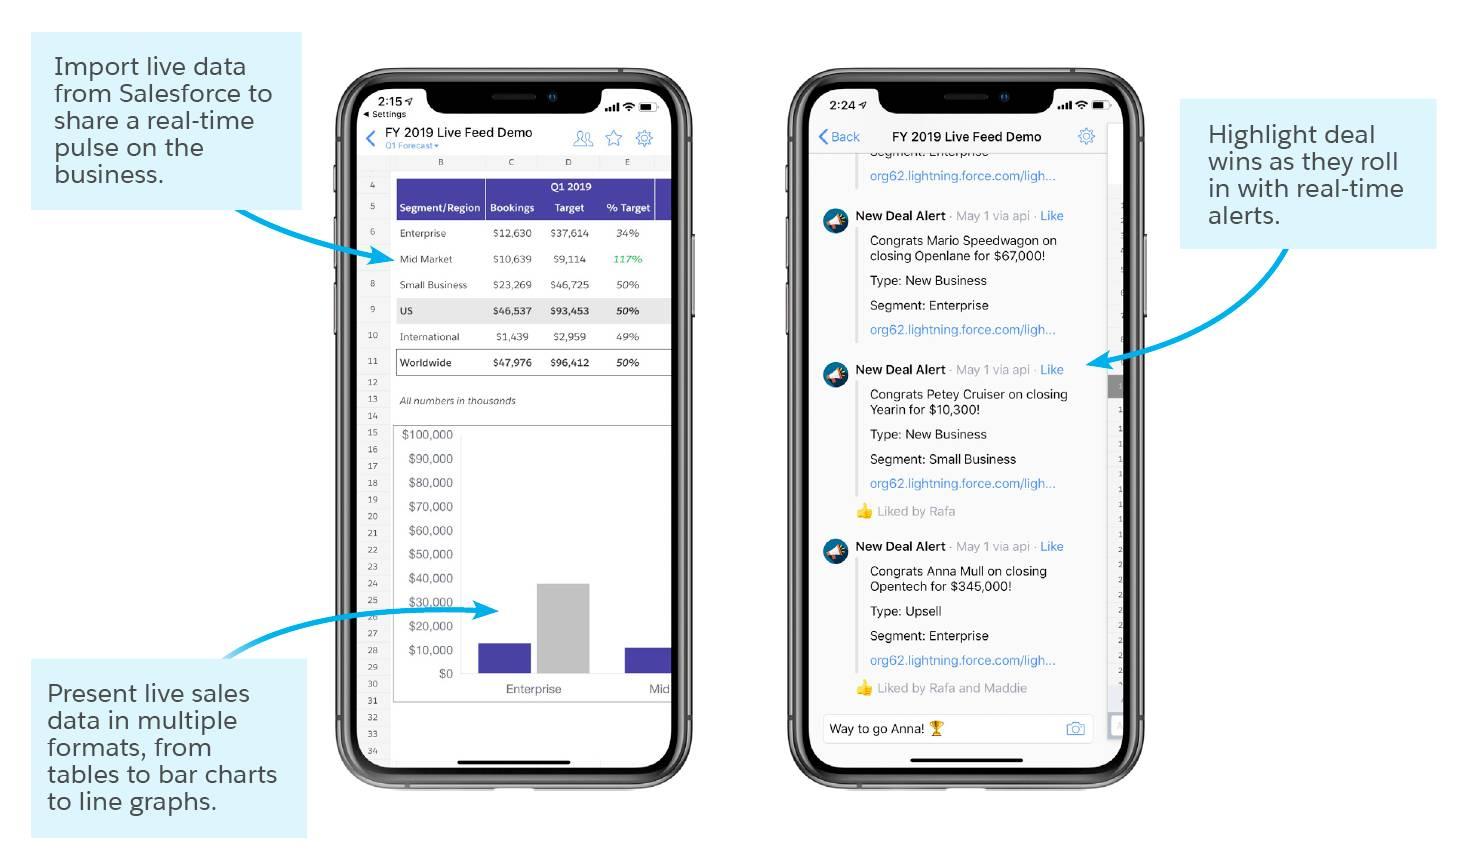 Salesforce からのライブデータのインポート、複数の形式での営業のライブデータの表示、リアルタイム警告での商談成立の強調表示の各機能を示す 2 台の携帯電話。